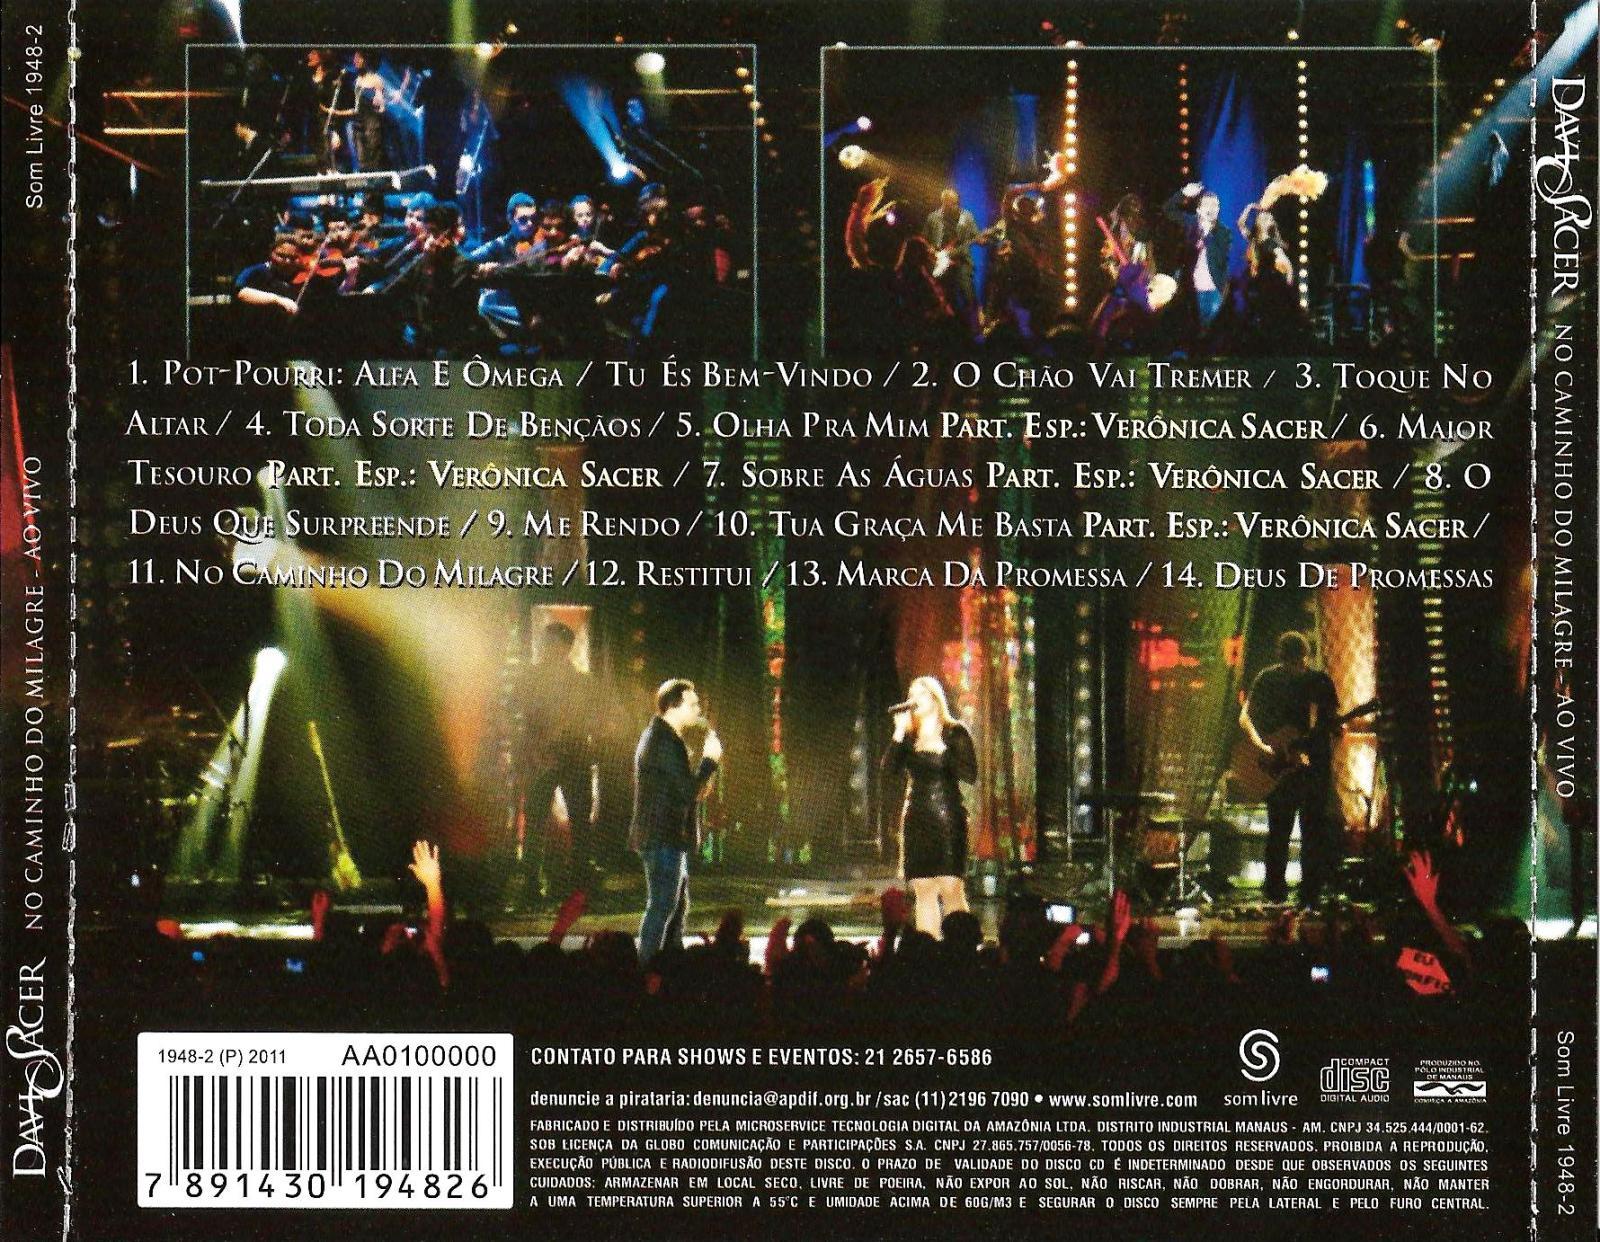 DAVI GRATIS DVD NO BAIXAR MILAGRE SACER DO CAMINHO